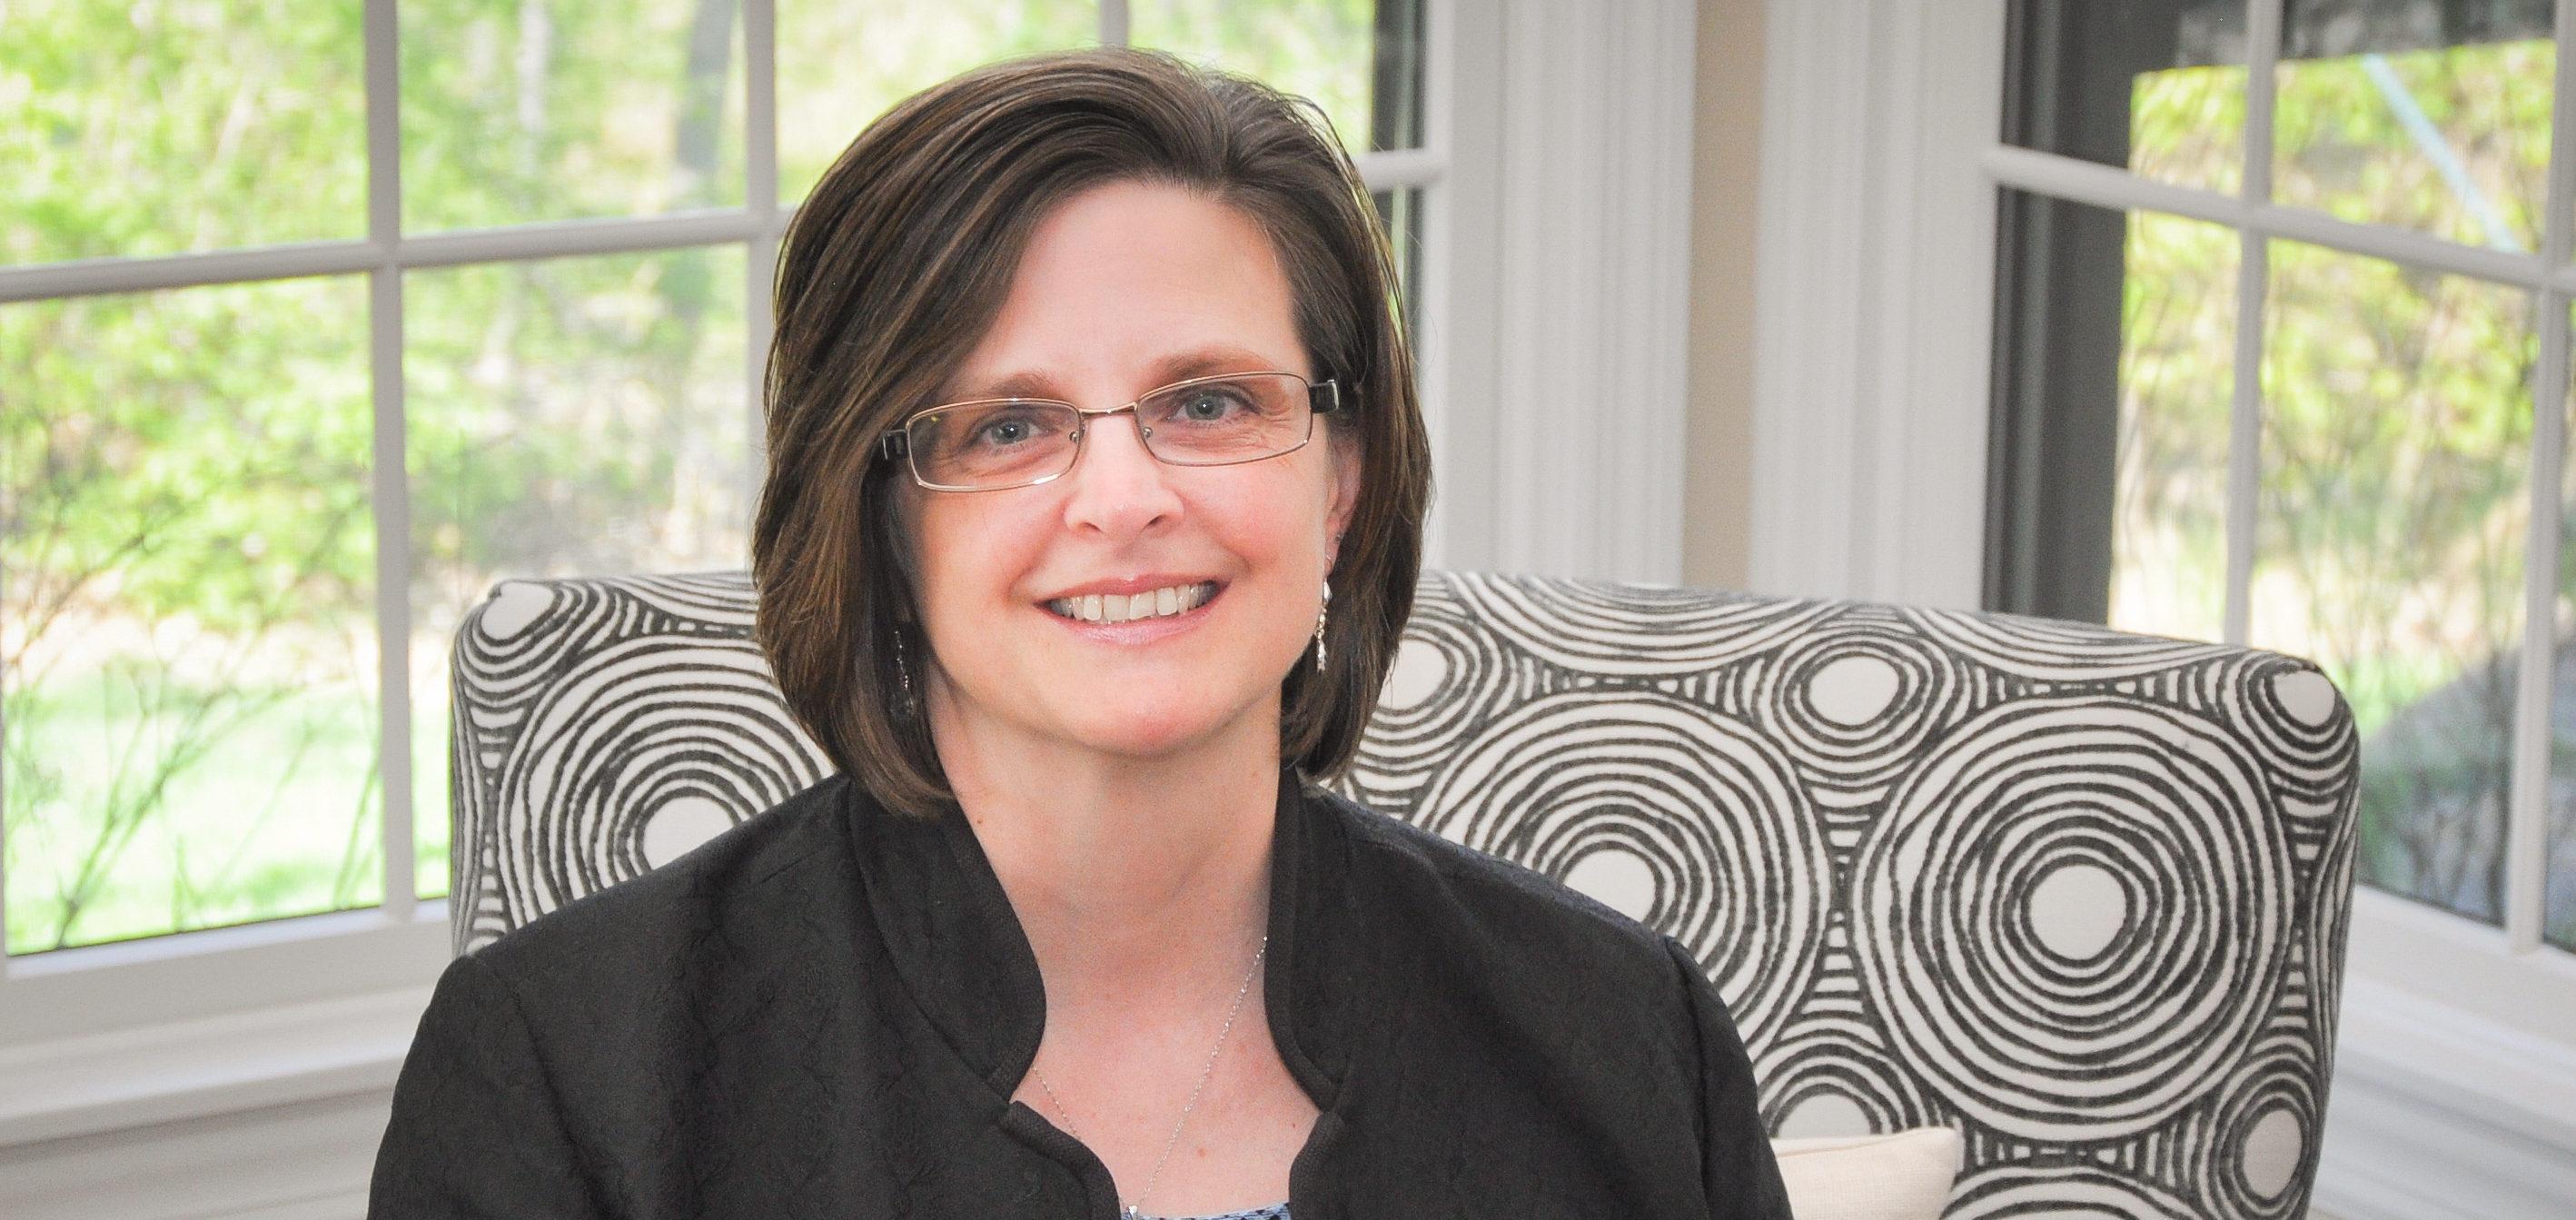 Lisa Kohler